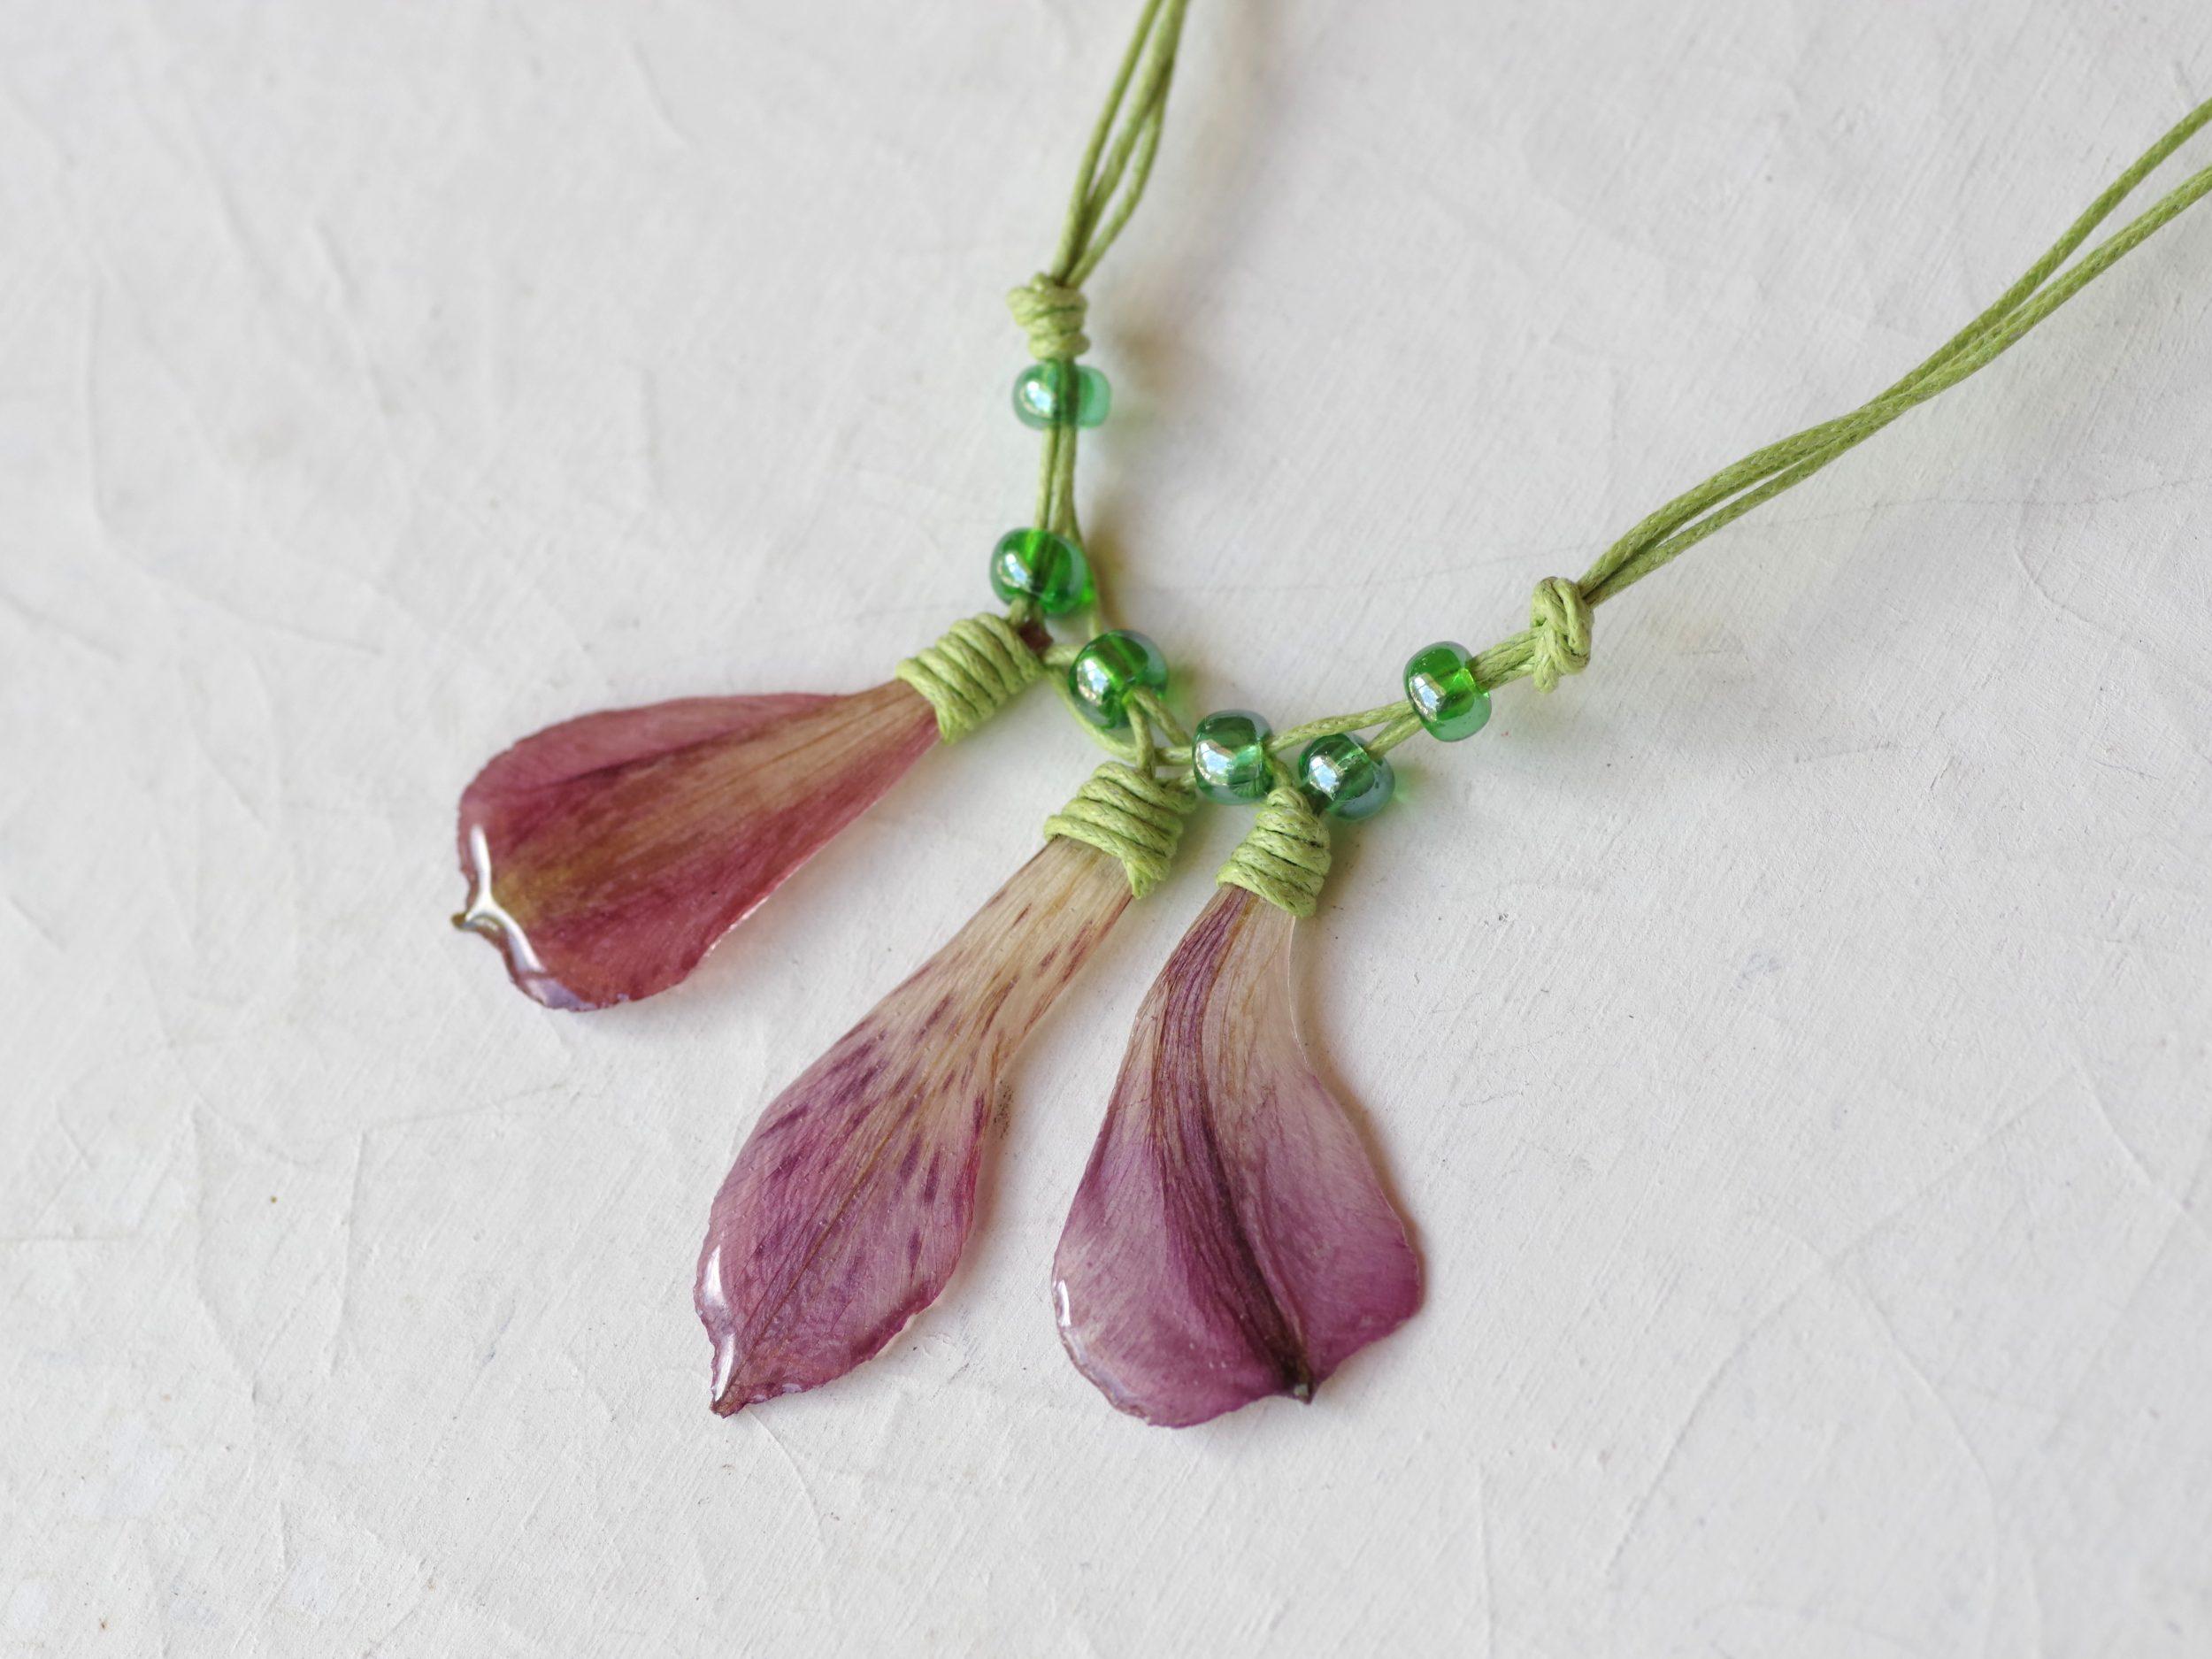 collier vert et violet composé de plusieurs pétales violets en pendentis et liens de coton vert acidulé noués et entrelacés. alstromérias